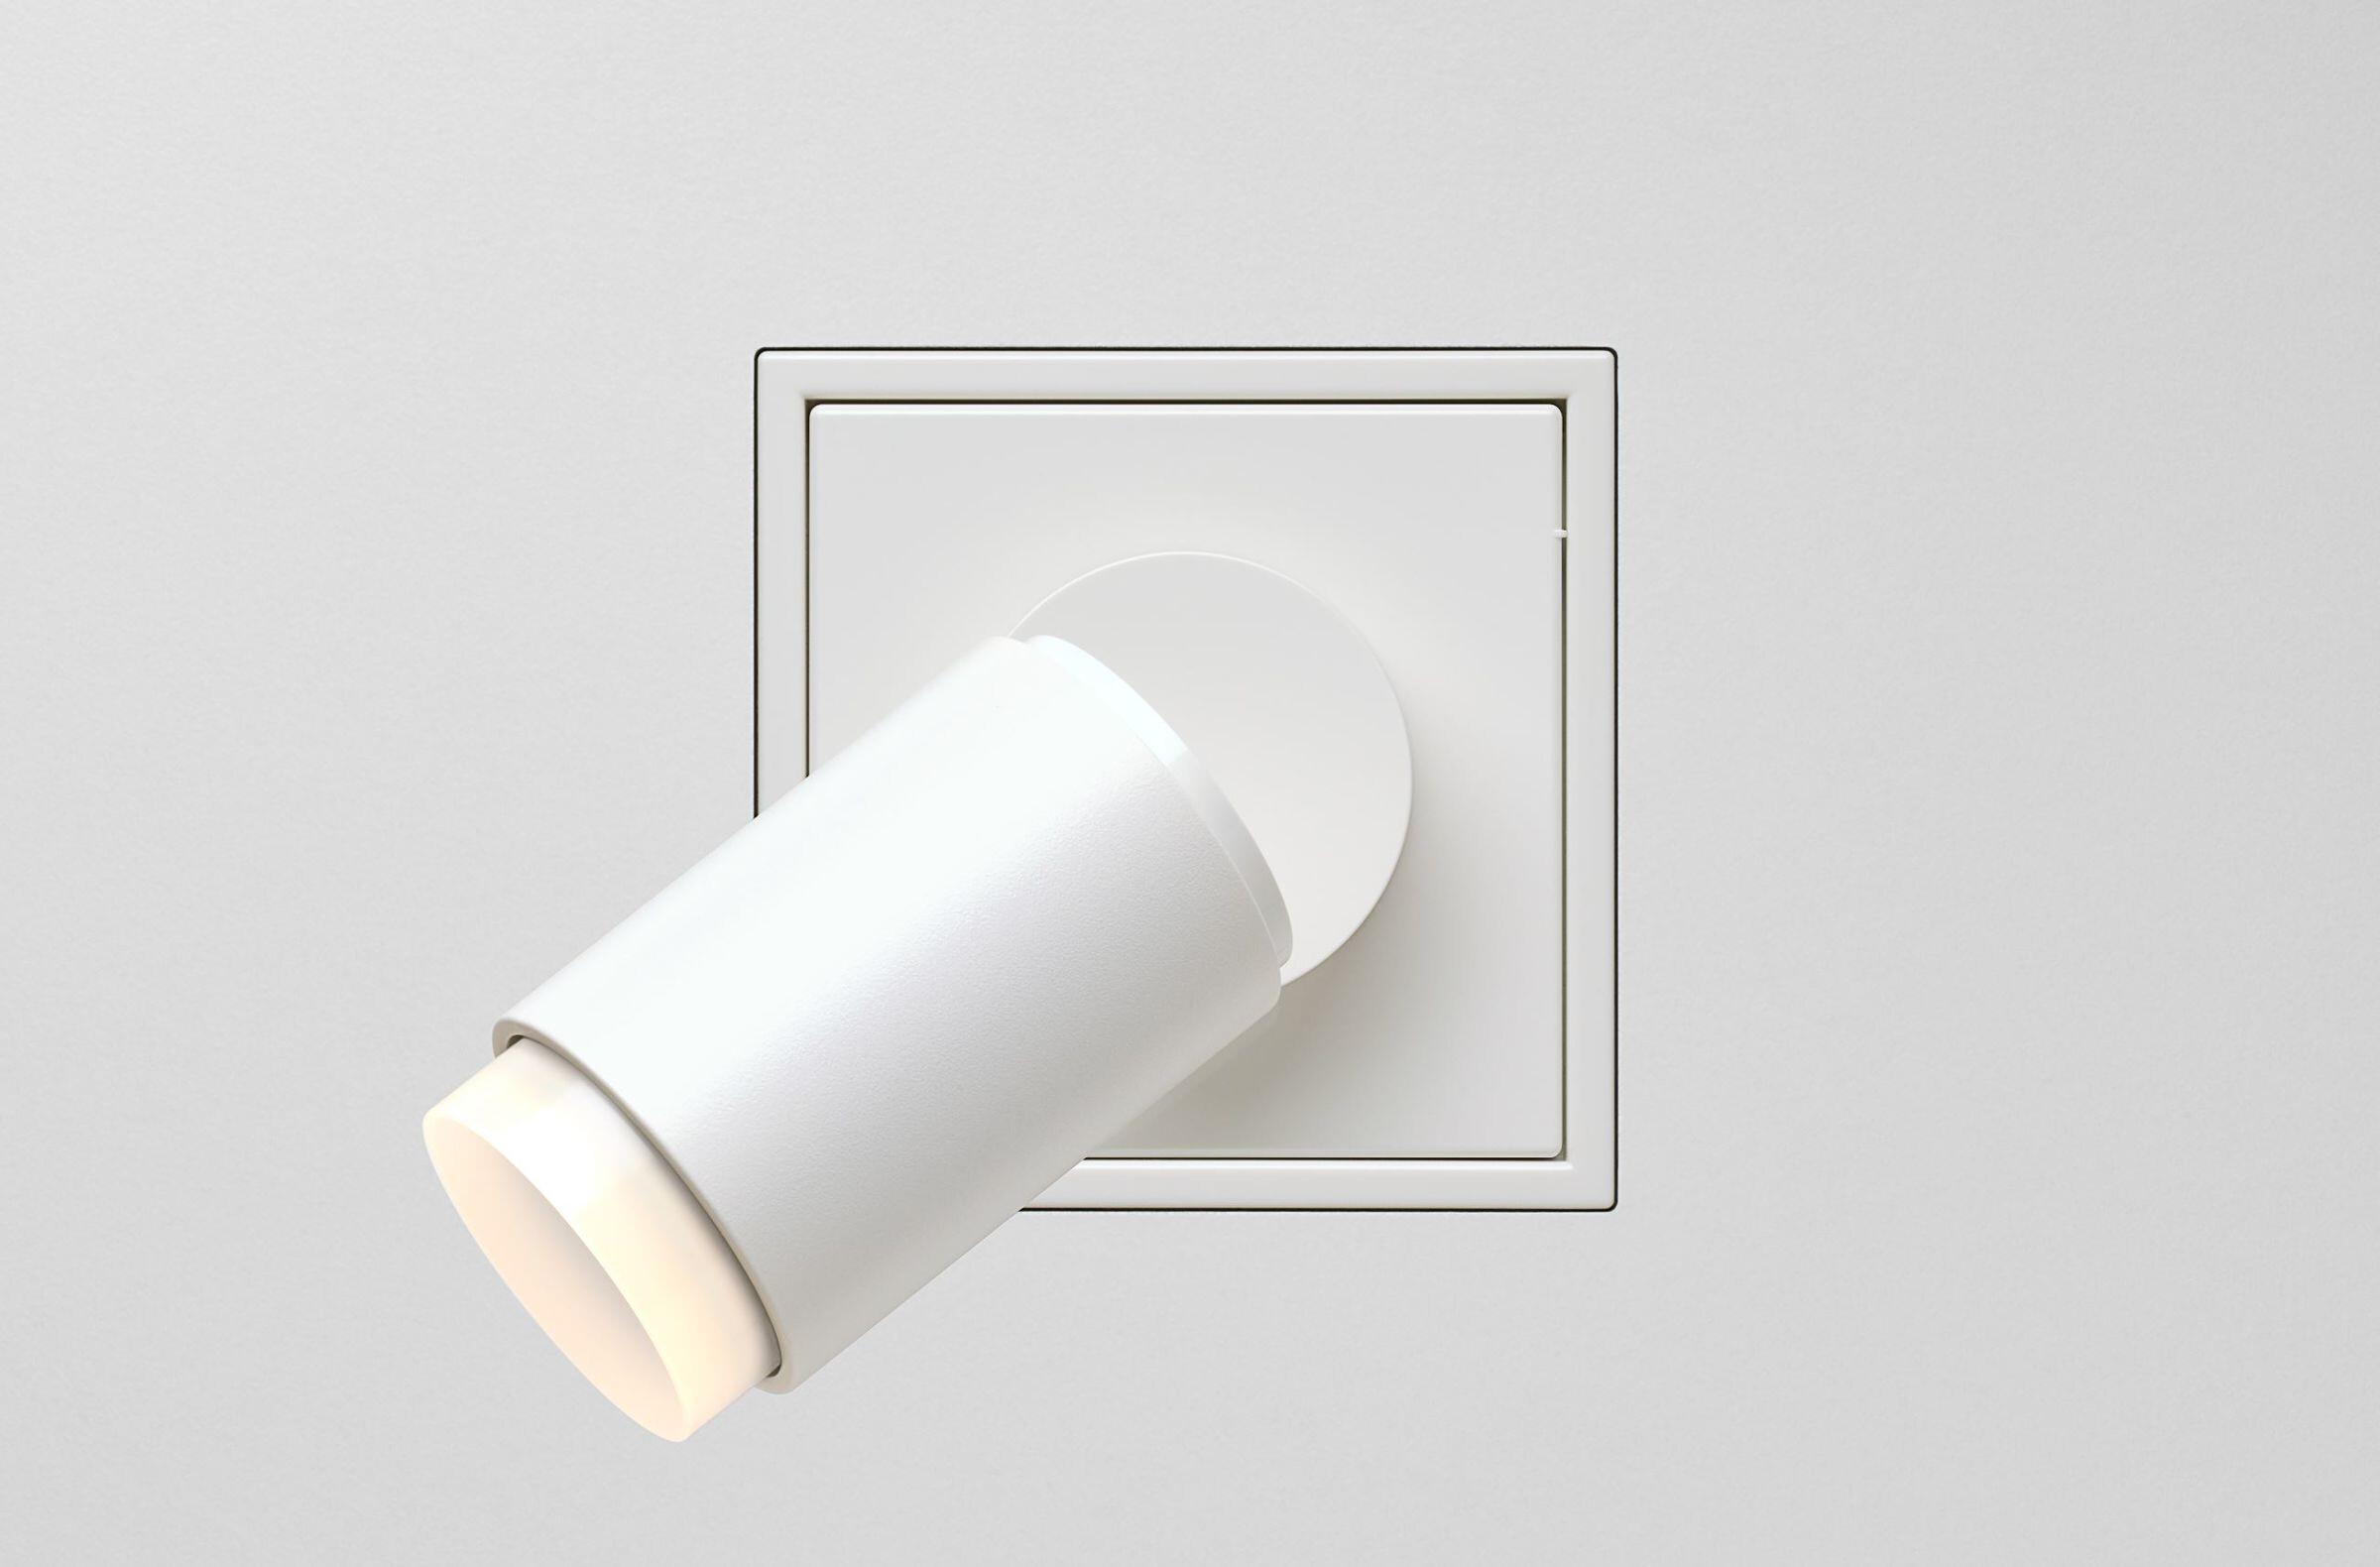 LS ZERO LED Spotlight white